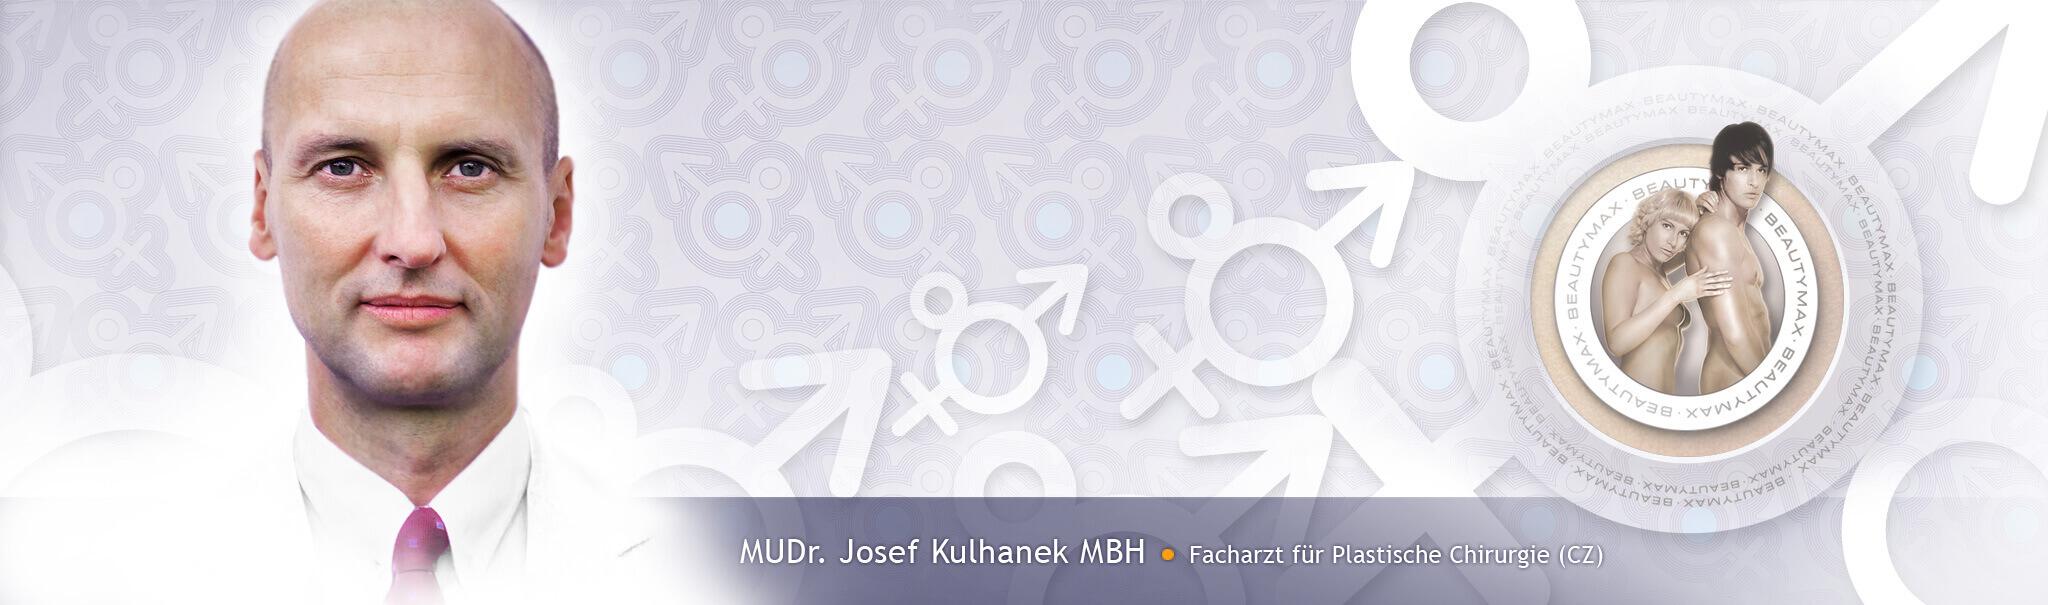 MUDr. Josef Kulhanek MBA - Facharzt für Plastische Chirurgie (CZ)